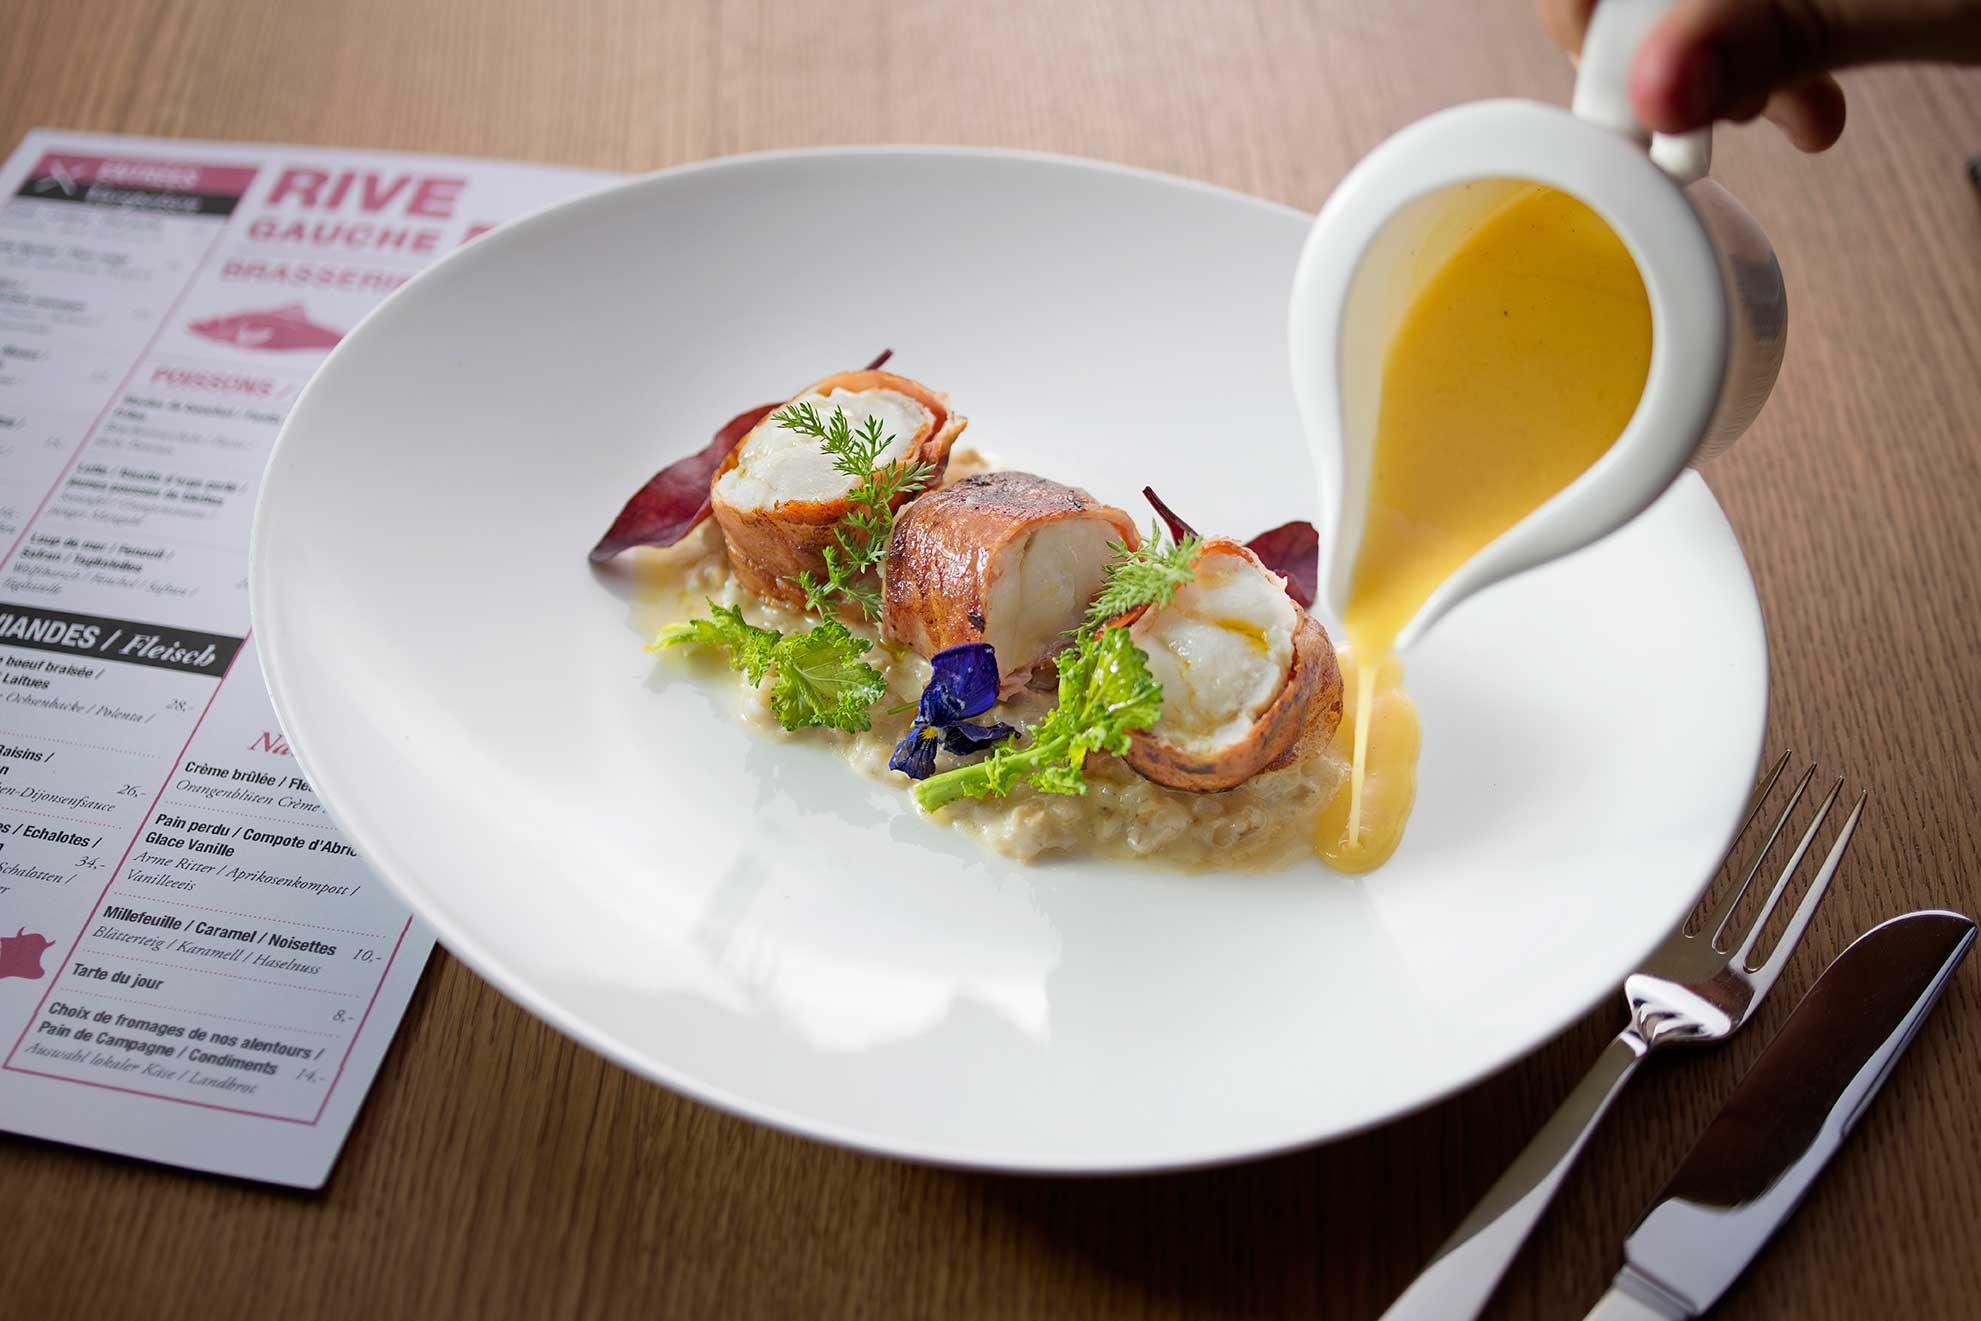 Seeteufel auf Perlgraupenrisotto mit Mangold-Soße in der Rive Gauche Brasserie in Baden-Baden